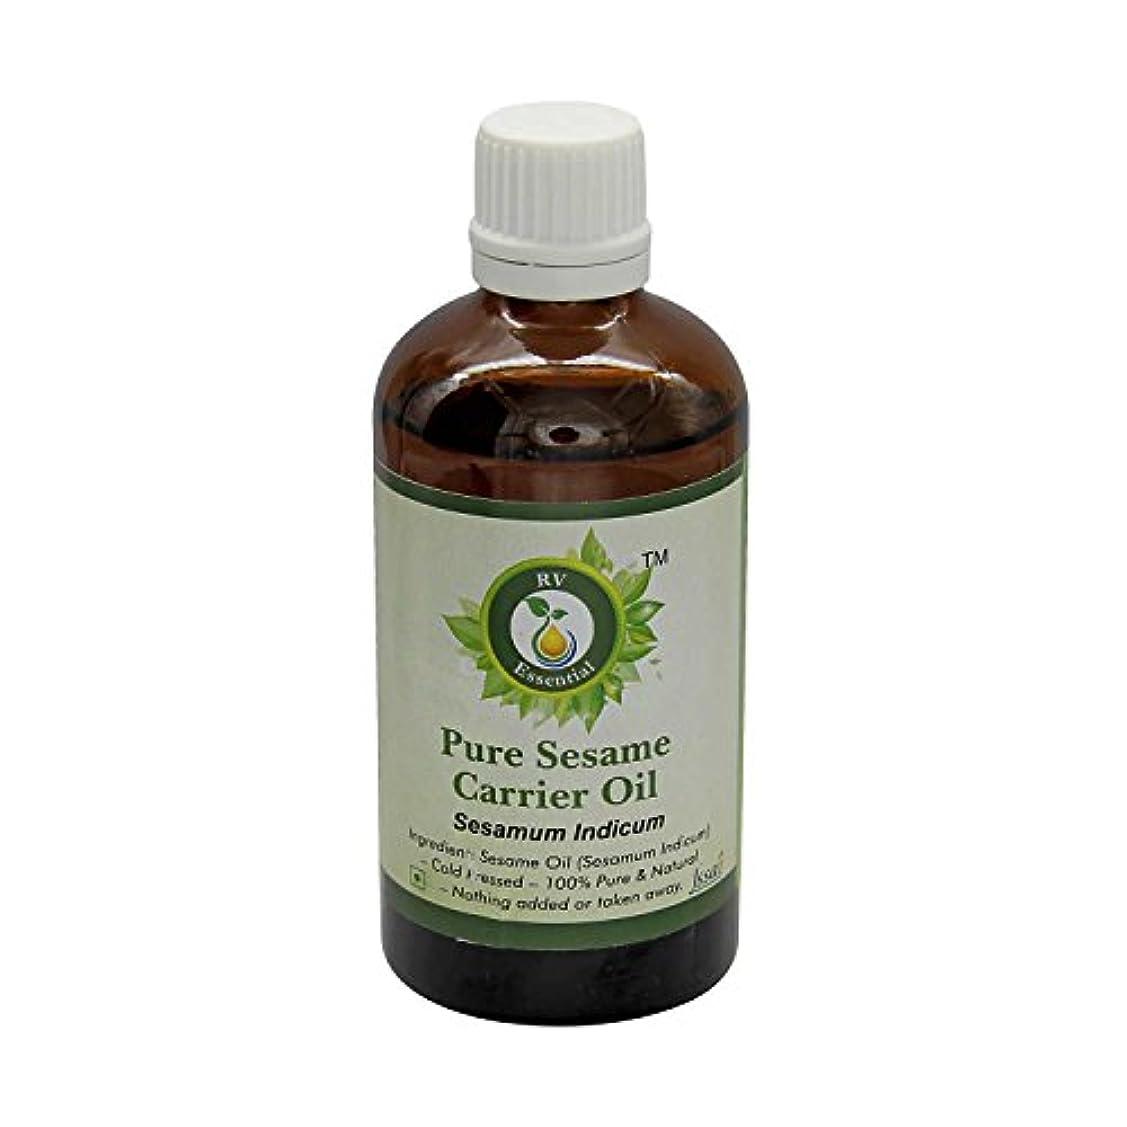 先住民クリークゆりR V Essential 純粋なごま油15ml (0.507oz)- Sesamum Indicum (100%ピュア&ナチュラルコールドPressed) Pure Sesame Carrier Oil